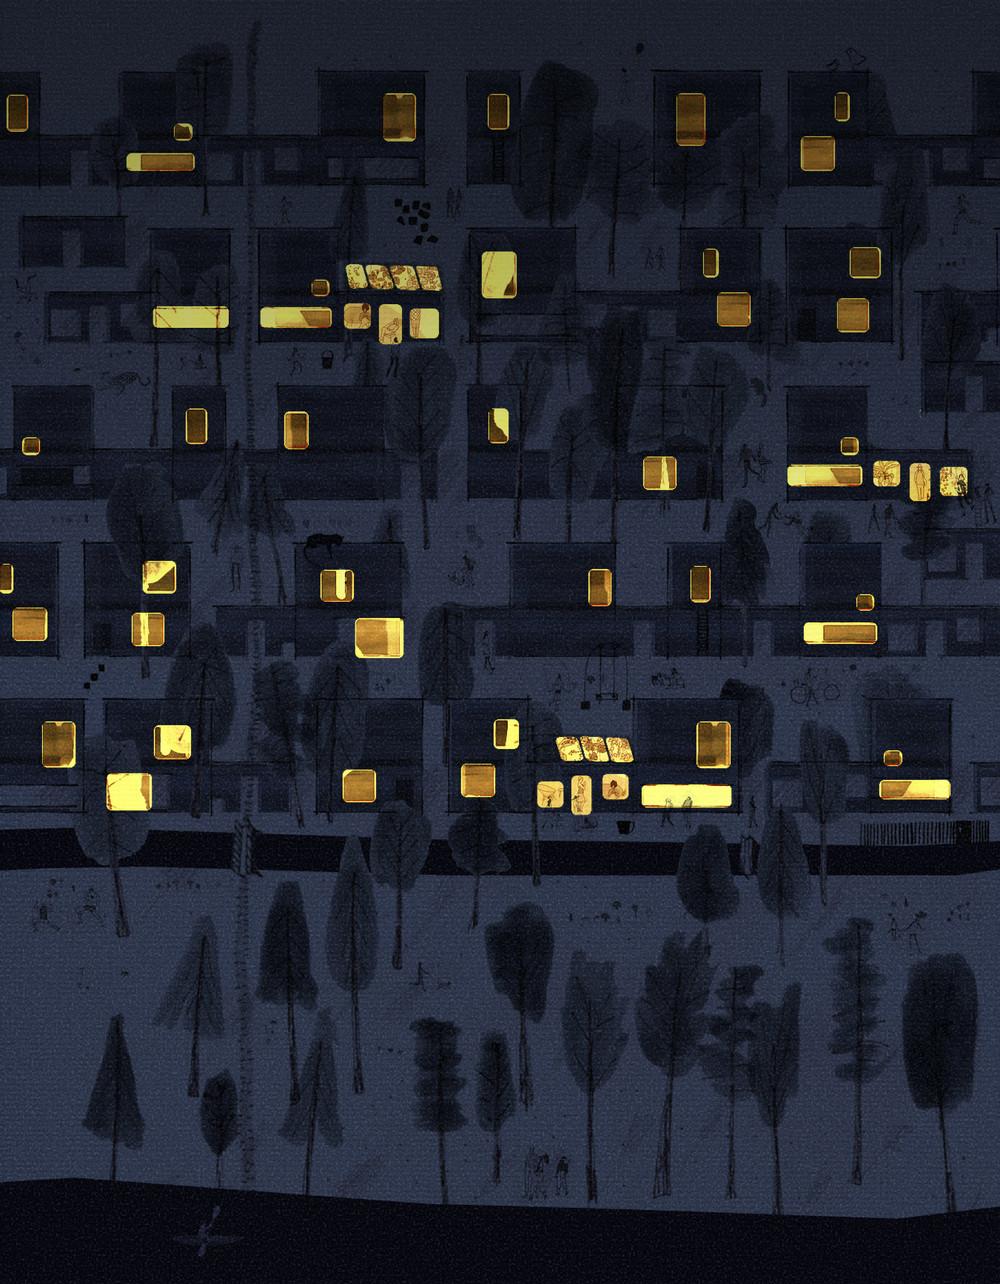 Si buscas a la ciudad de Uruapan en Google encontrarás ríos, cascadas, volcanes y gente muerta. En este proyecto se utilizan las primeras características de Uruapan, las de su paisaje, para intentar cambiar la percepción de seguridad de las personas que lo usen.   If you look for Uruapan on Google, you will find rivers, waterfalls, volcanoes, and dead people.  This project uses Google's first three hits, which revolve around Uruapan's landscape qualities, to try to change Uruapan's image of an unsafe city that some people might hold.